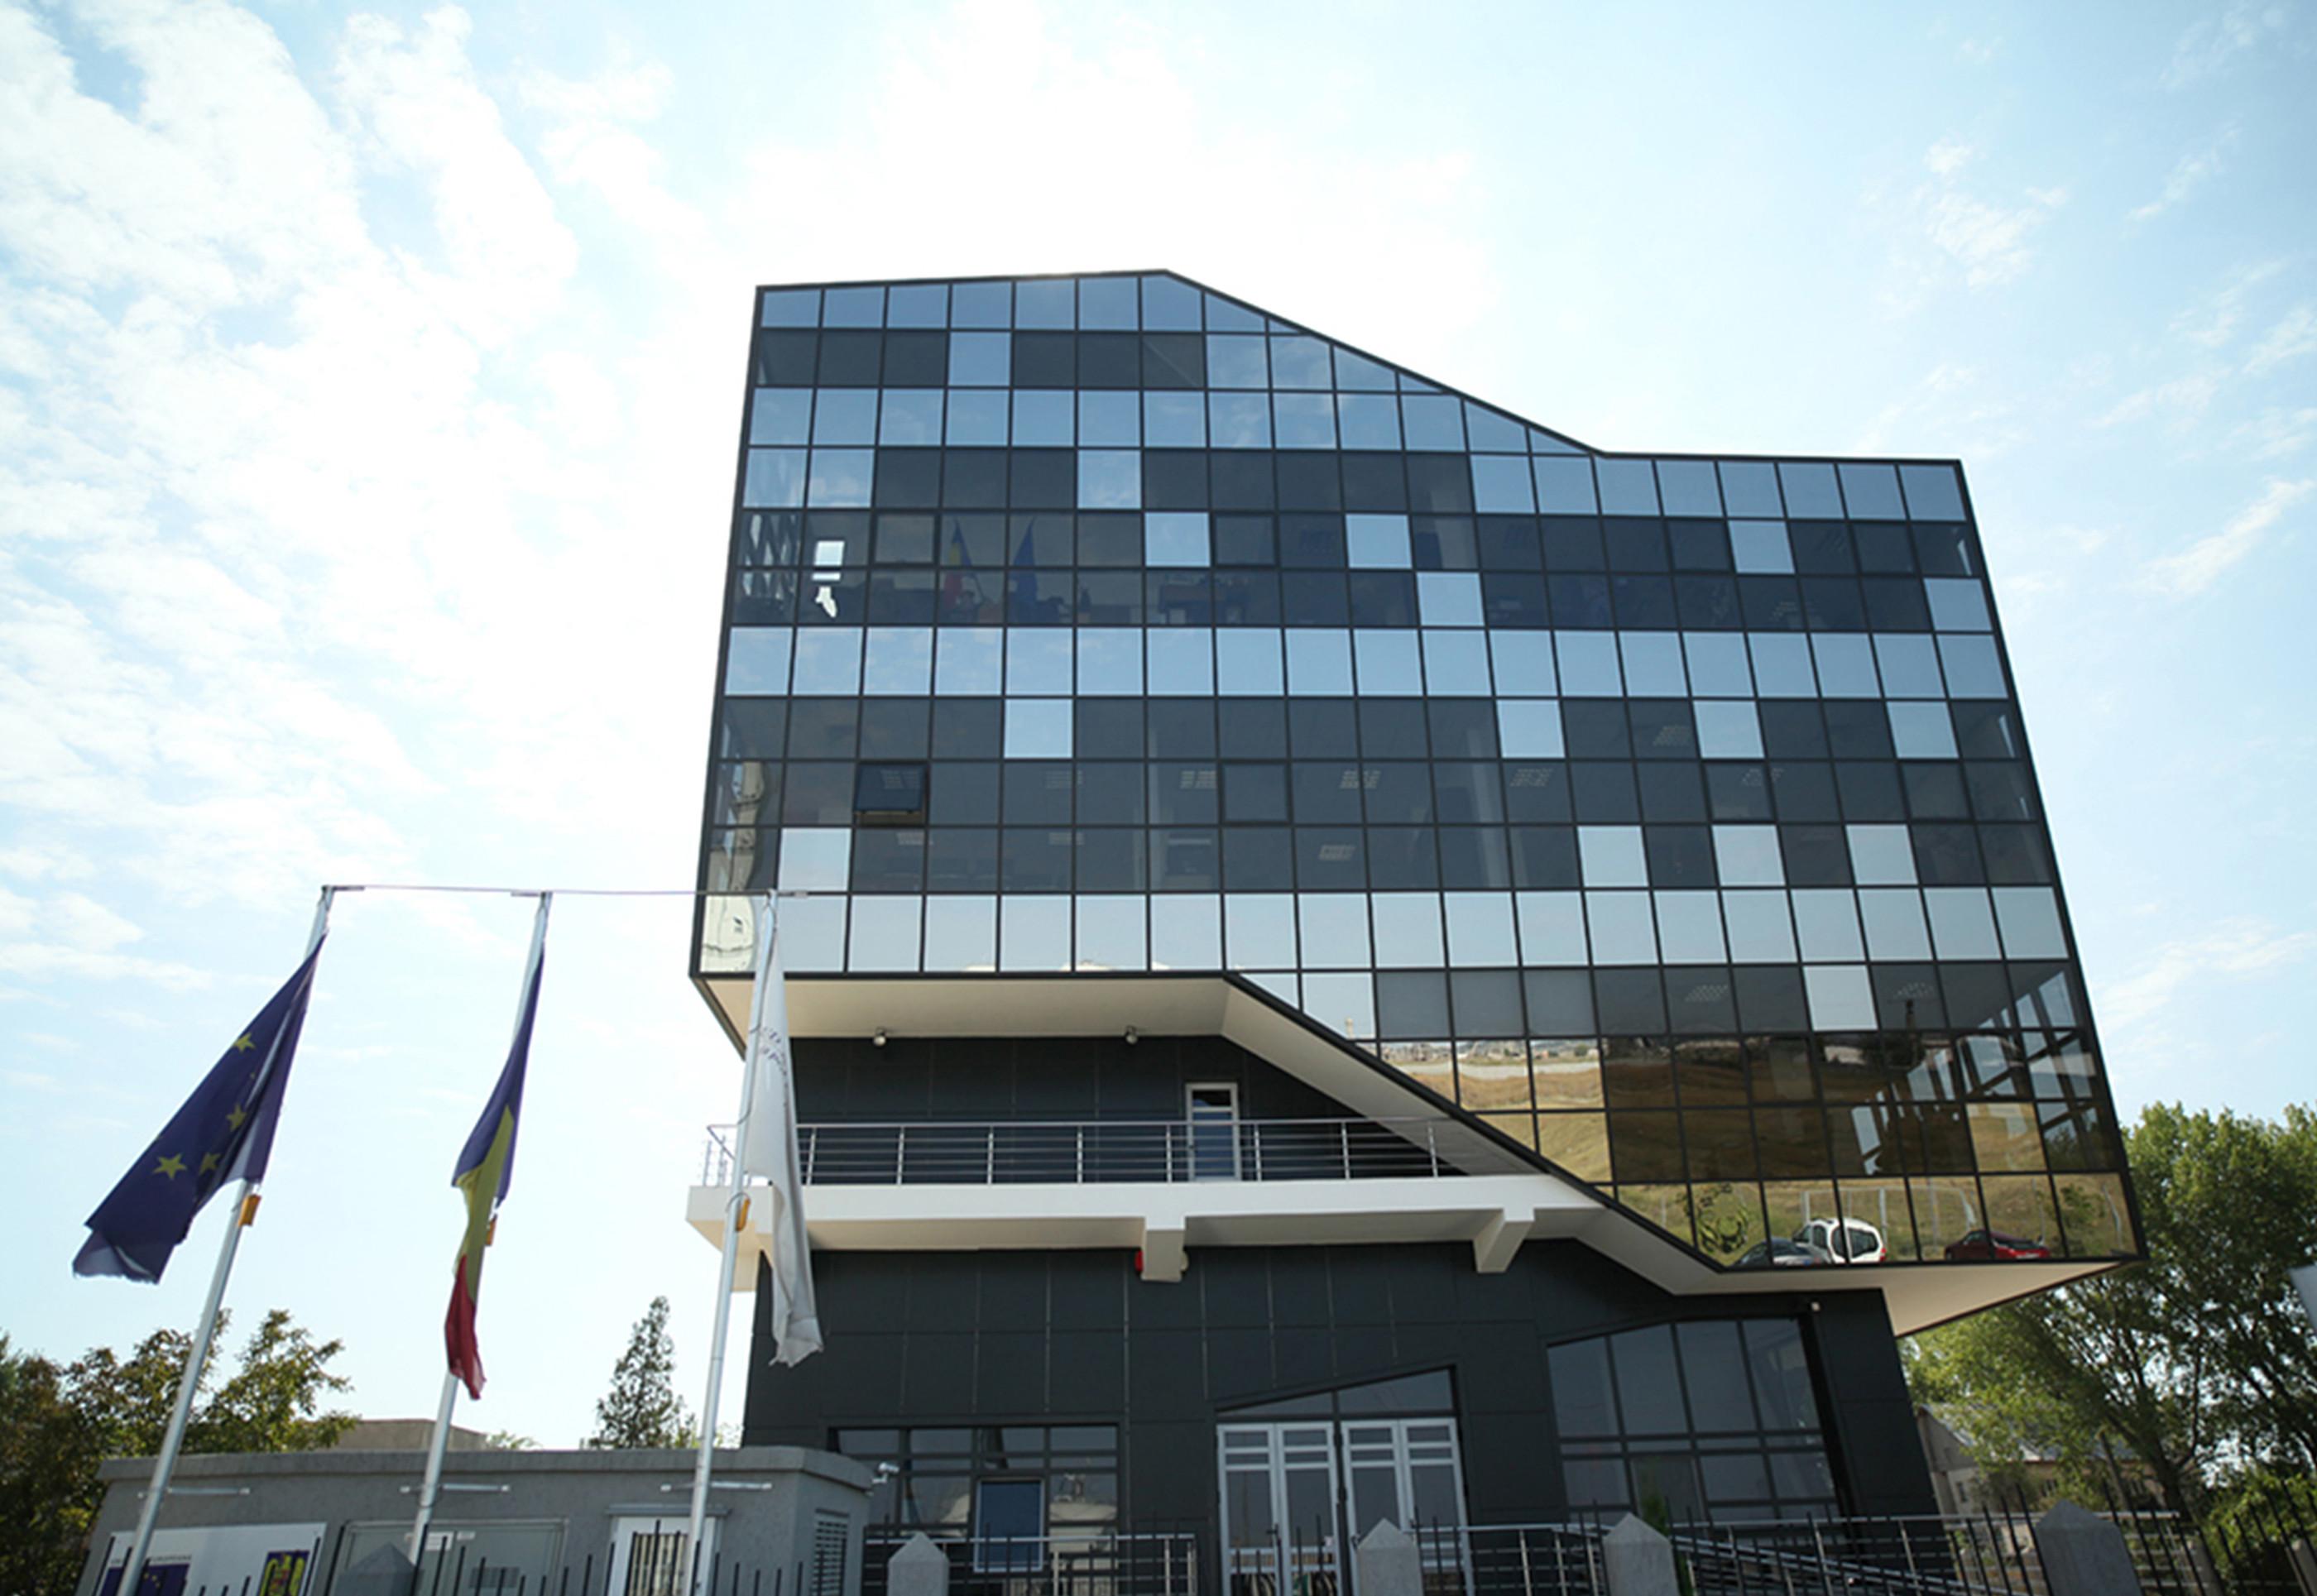 Concurs pentru ocuparea unui post de electrician în cadrul Serviciului Administrativ, la sediul central din municipiul Călărași - 21 aprilie 2021